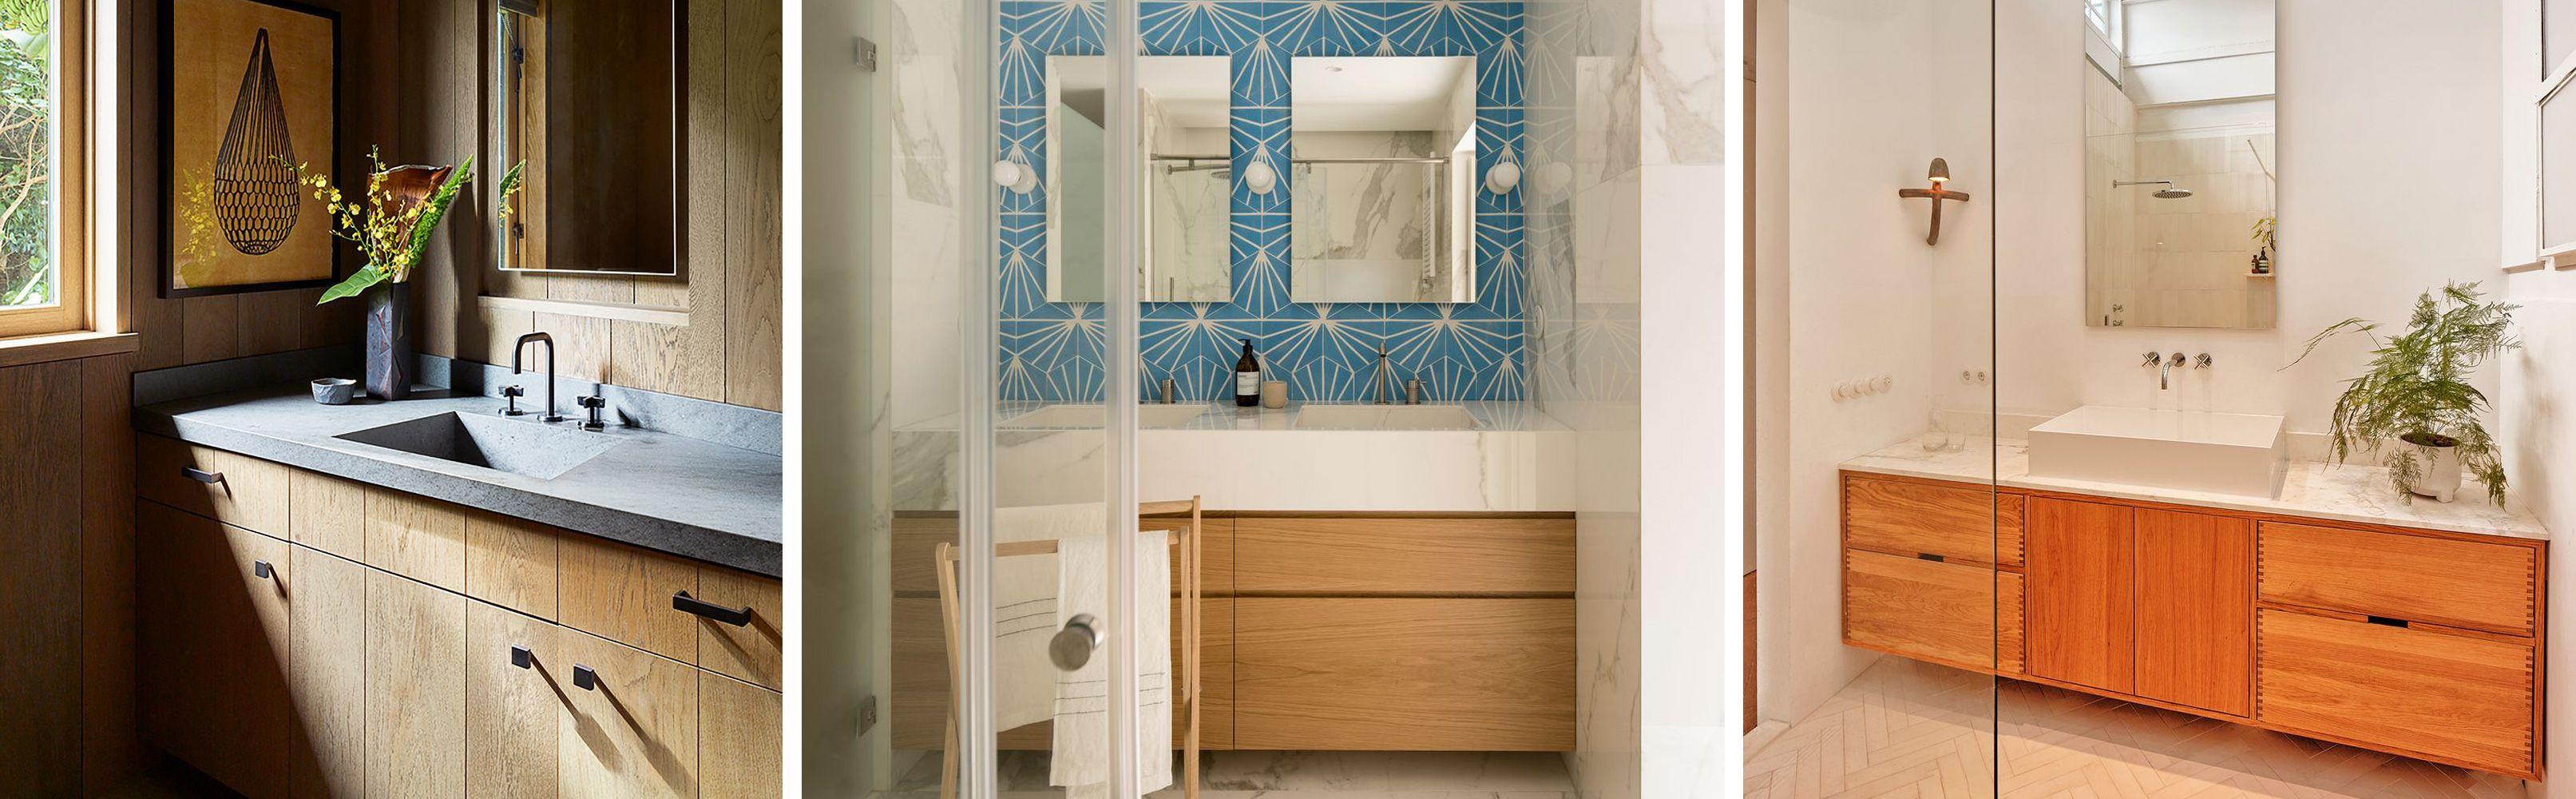 Los baños más cálidos con muebles de madera